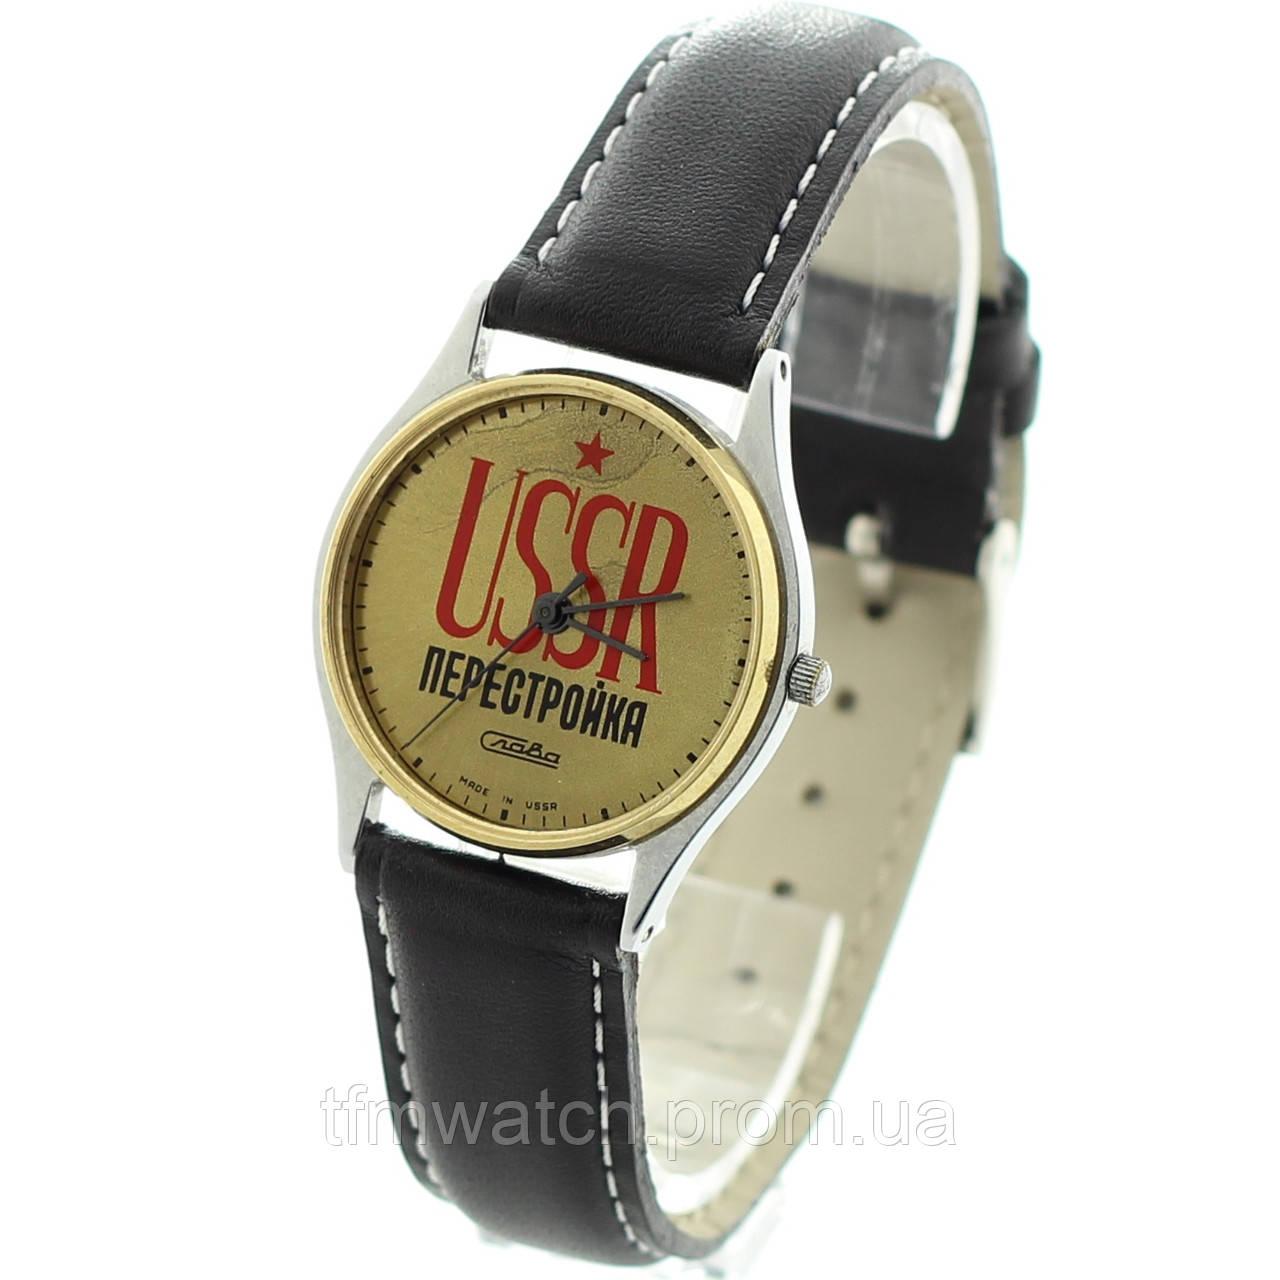 Слава  часы СССР Перестройка